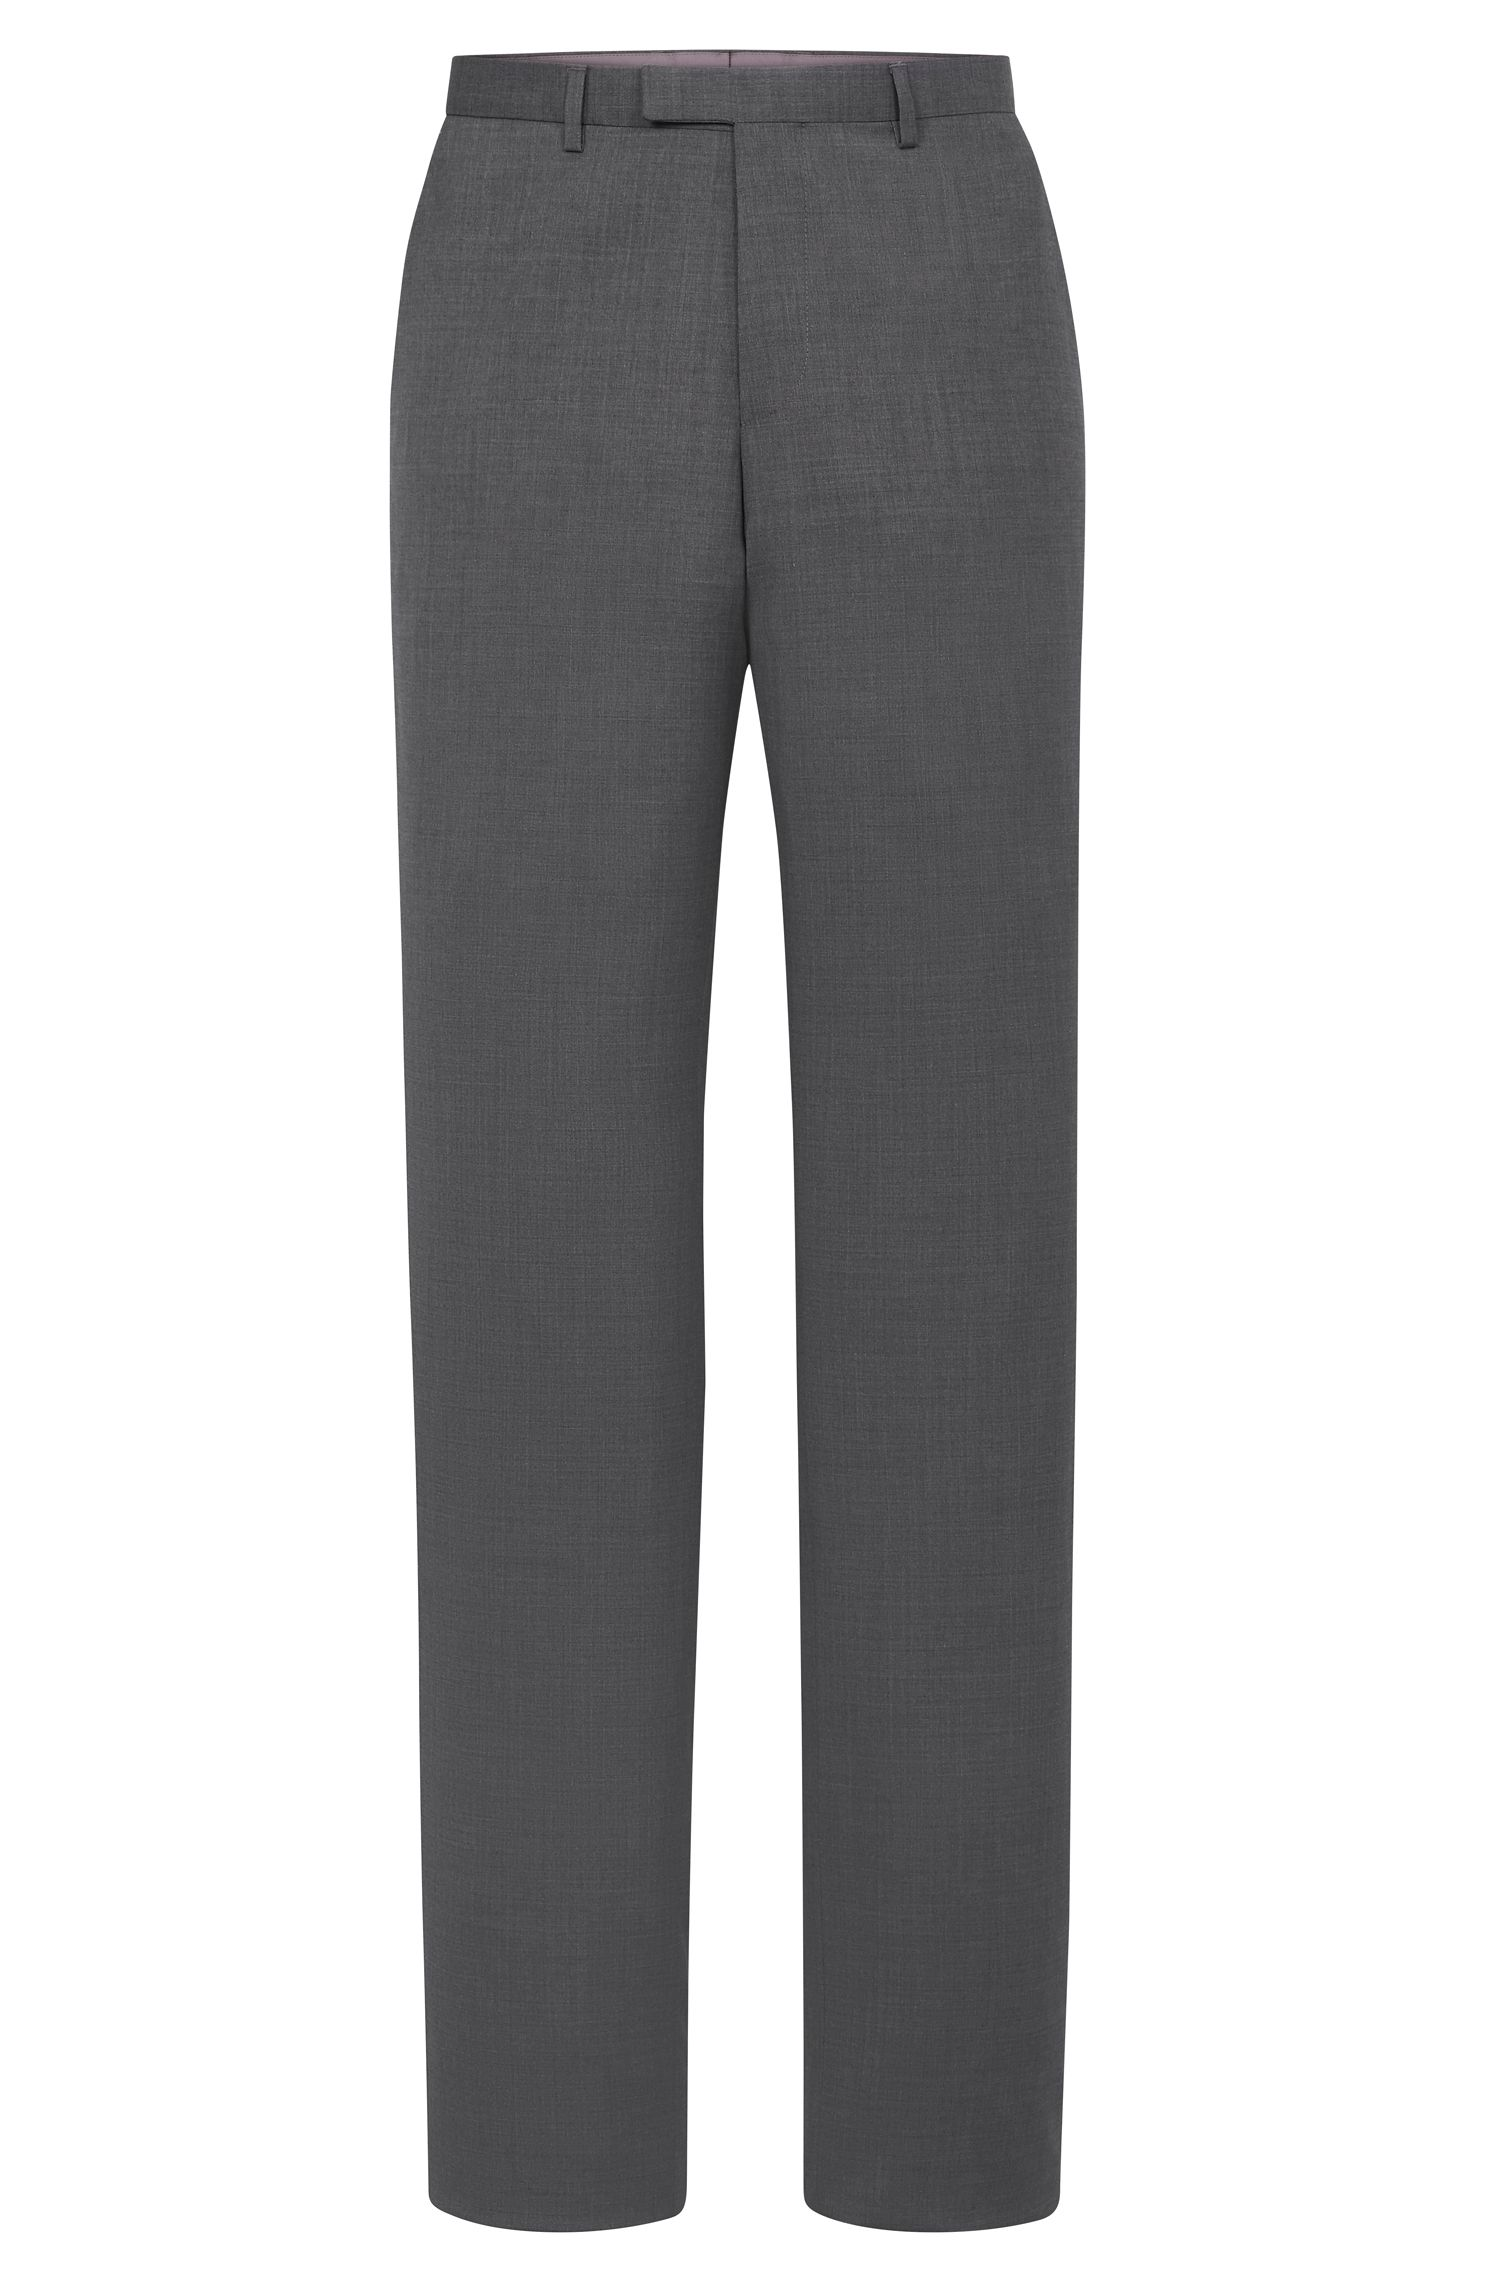 'Sharp'   Regular Fit, Virgin Wool Dress Pants